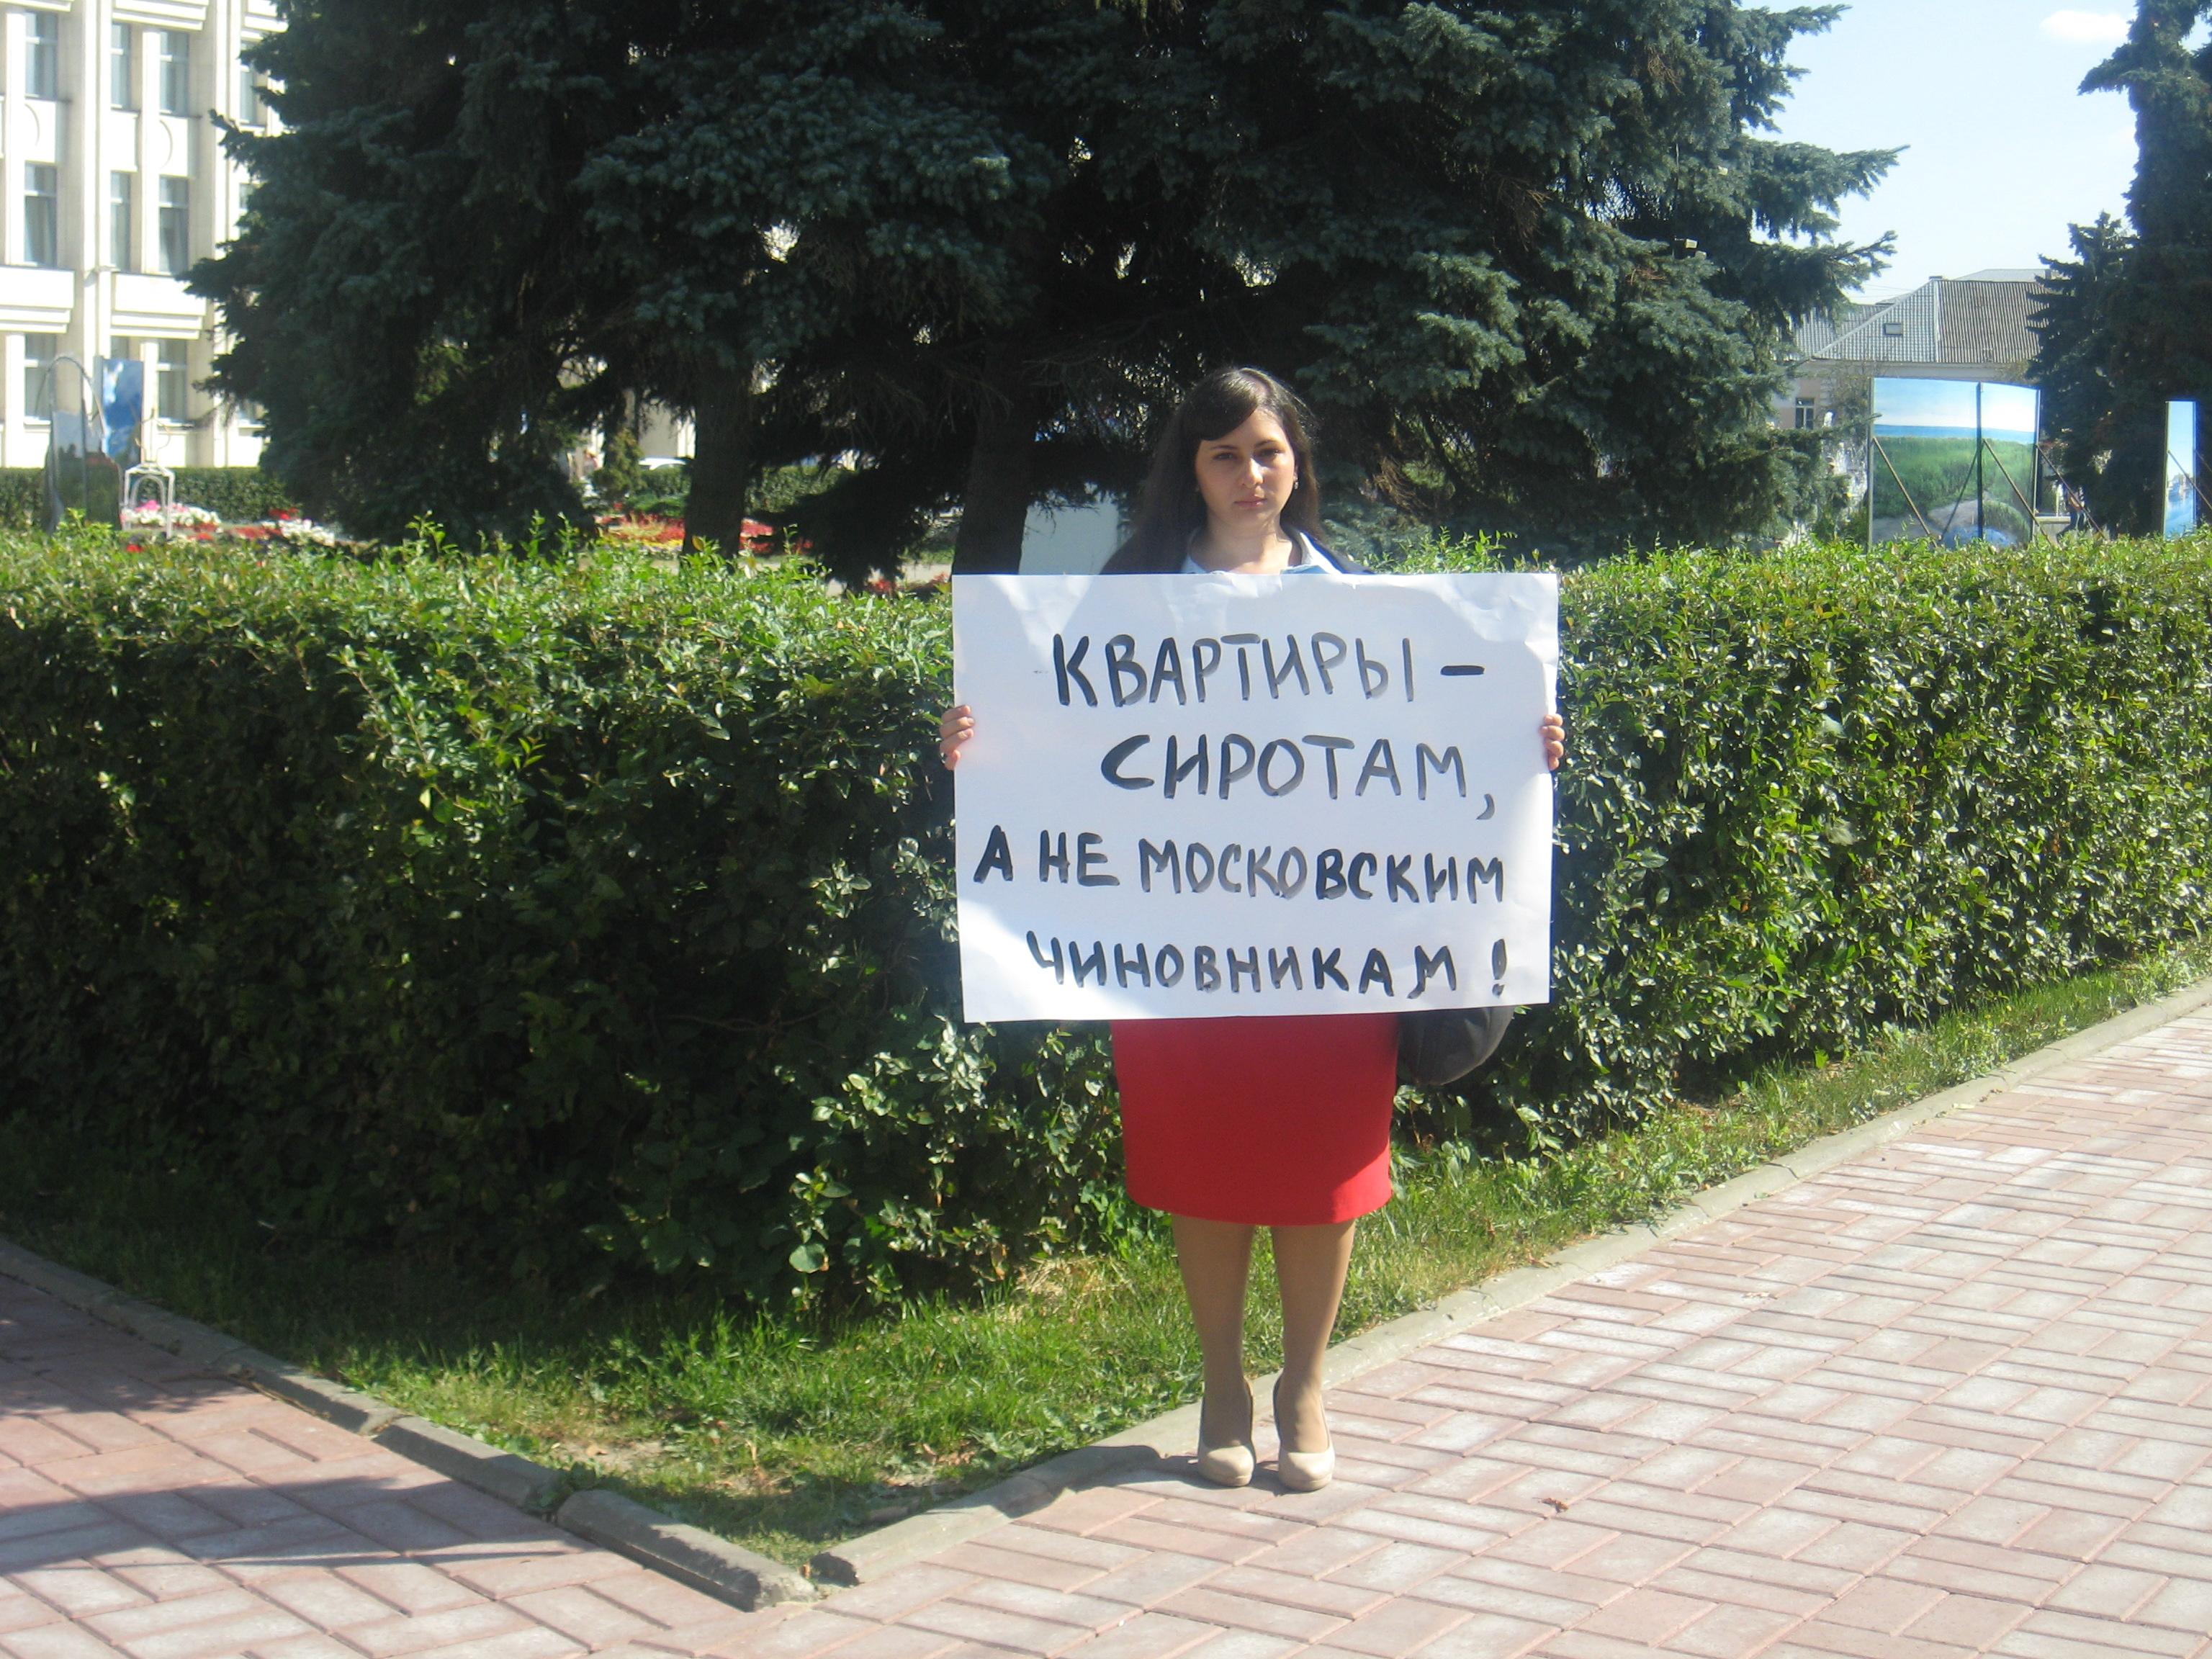 Квартиры — сиротам, а не московским чиновникам!